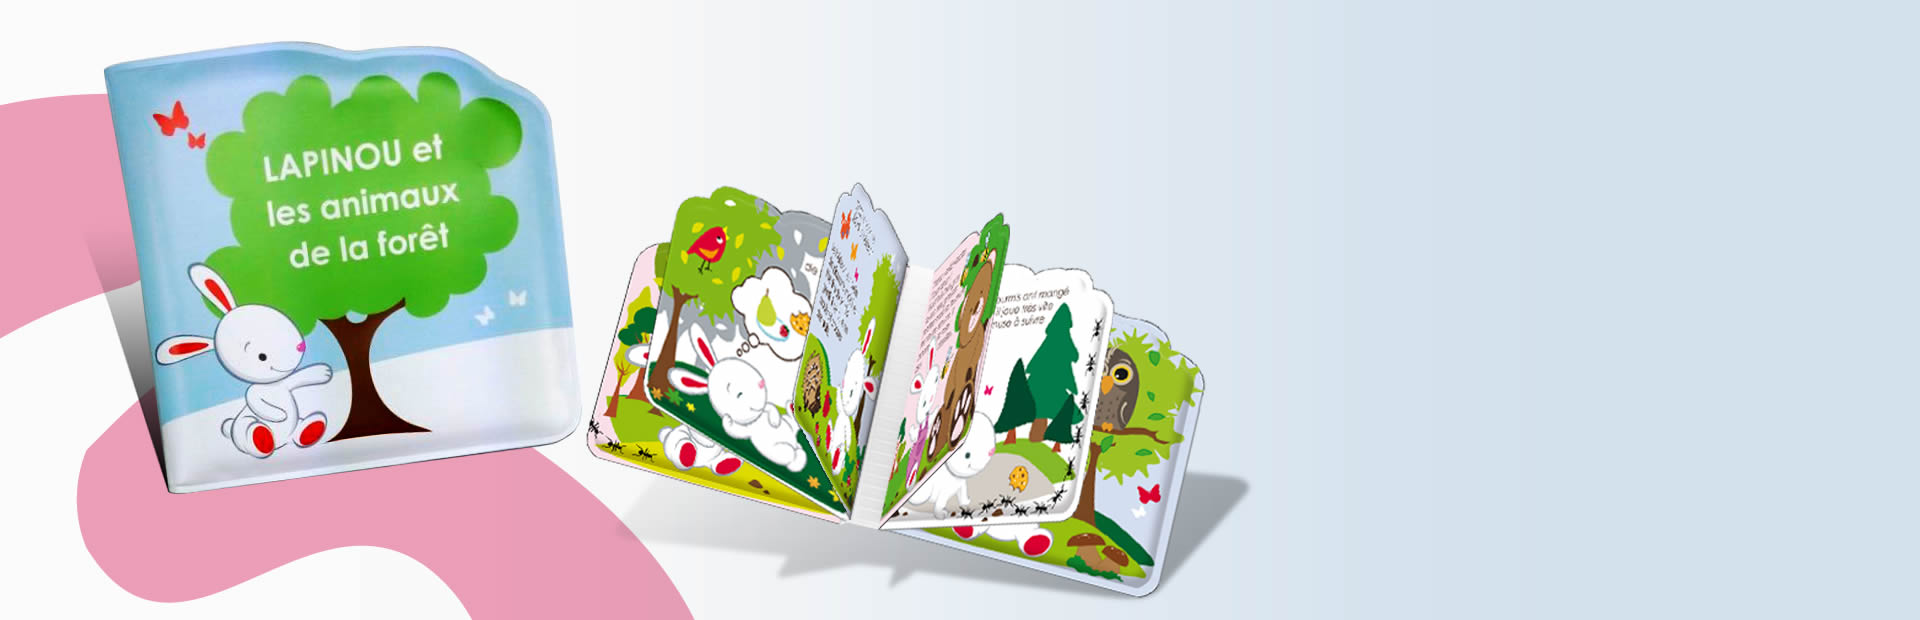 Dakota cadeau publicitaire enfant objets publicitaires objet publicitaire Lyon slide crea sur mesure1